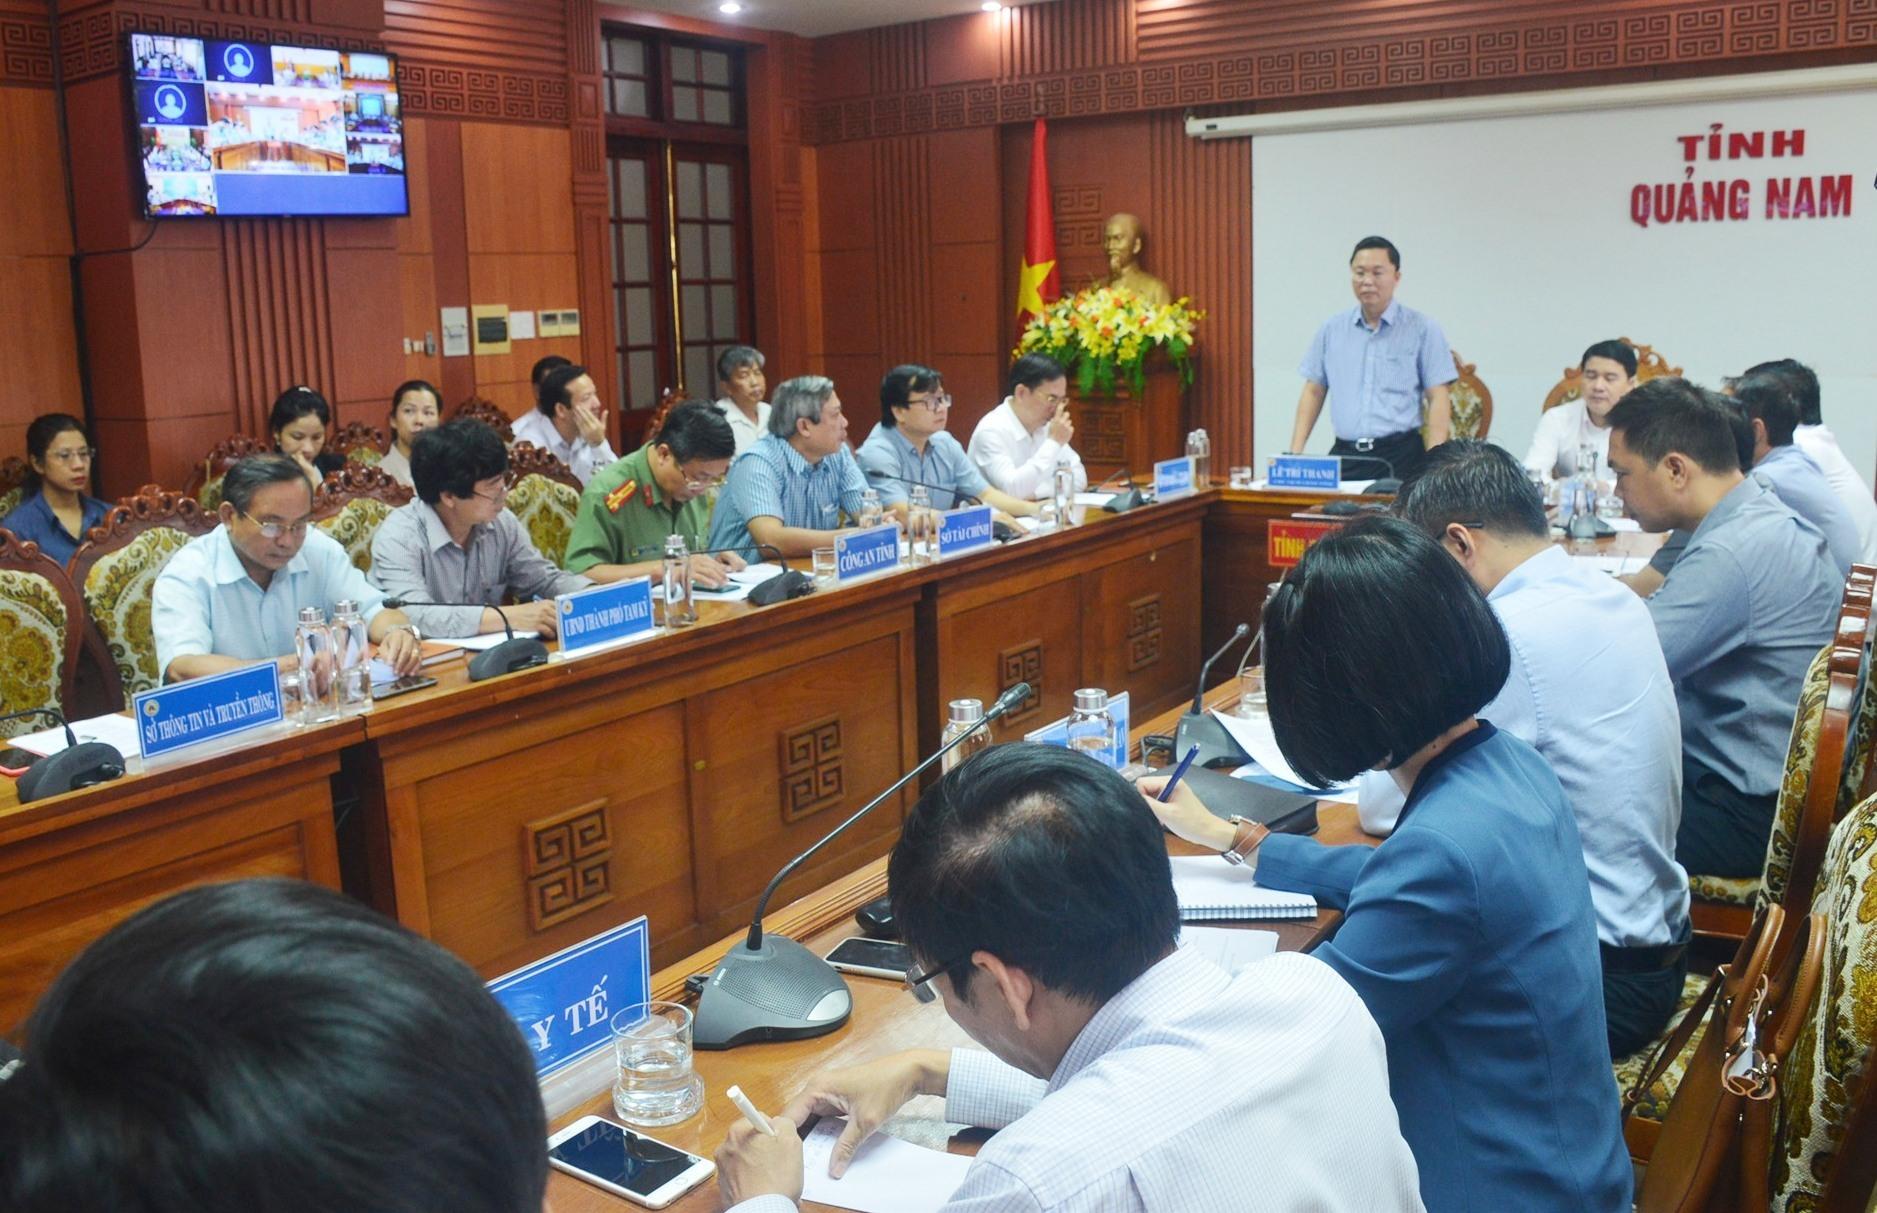 Liên kết du lịch giữa Vùng kinh tế trọng điểm miền Trung với Hà Nội và thành phố Hồ Chí Minh